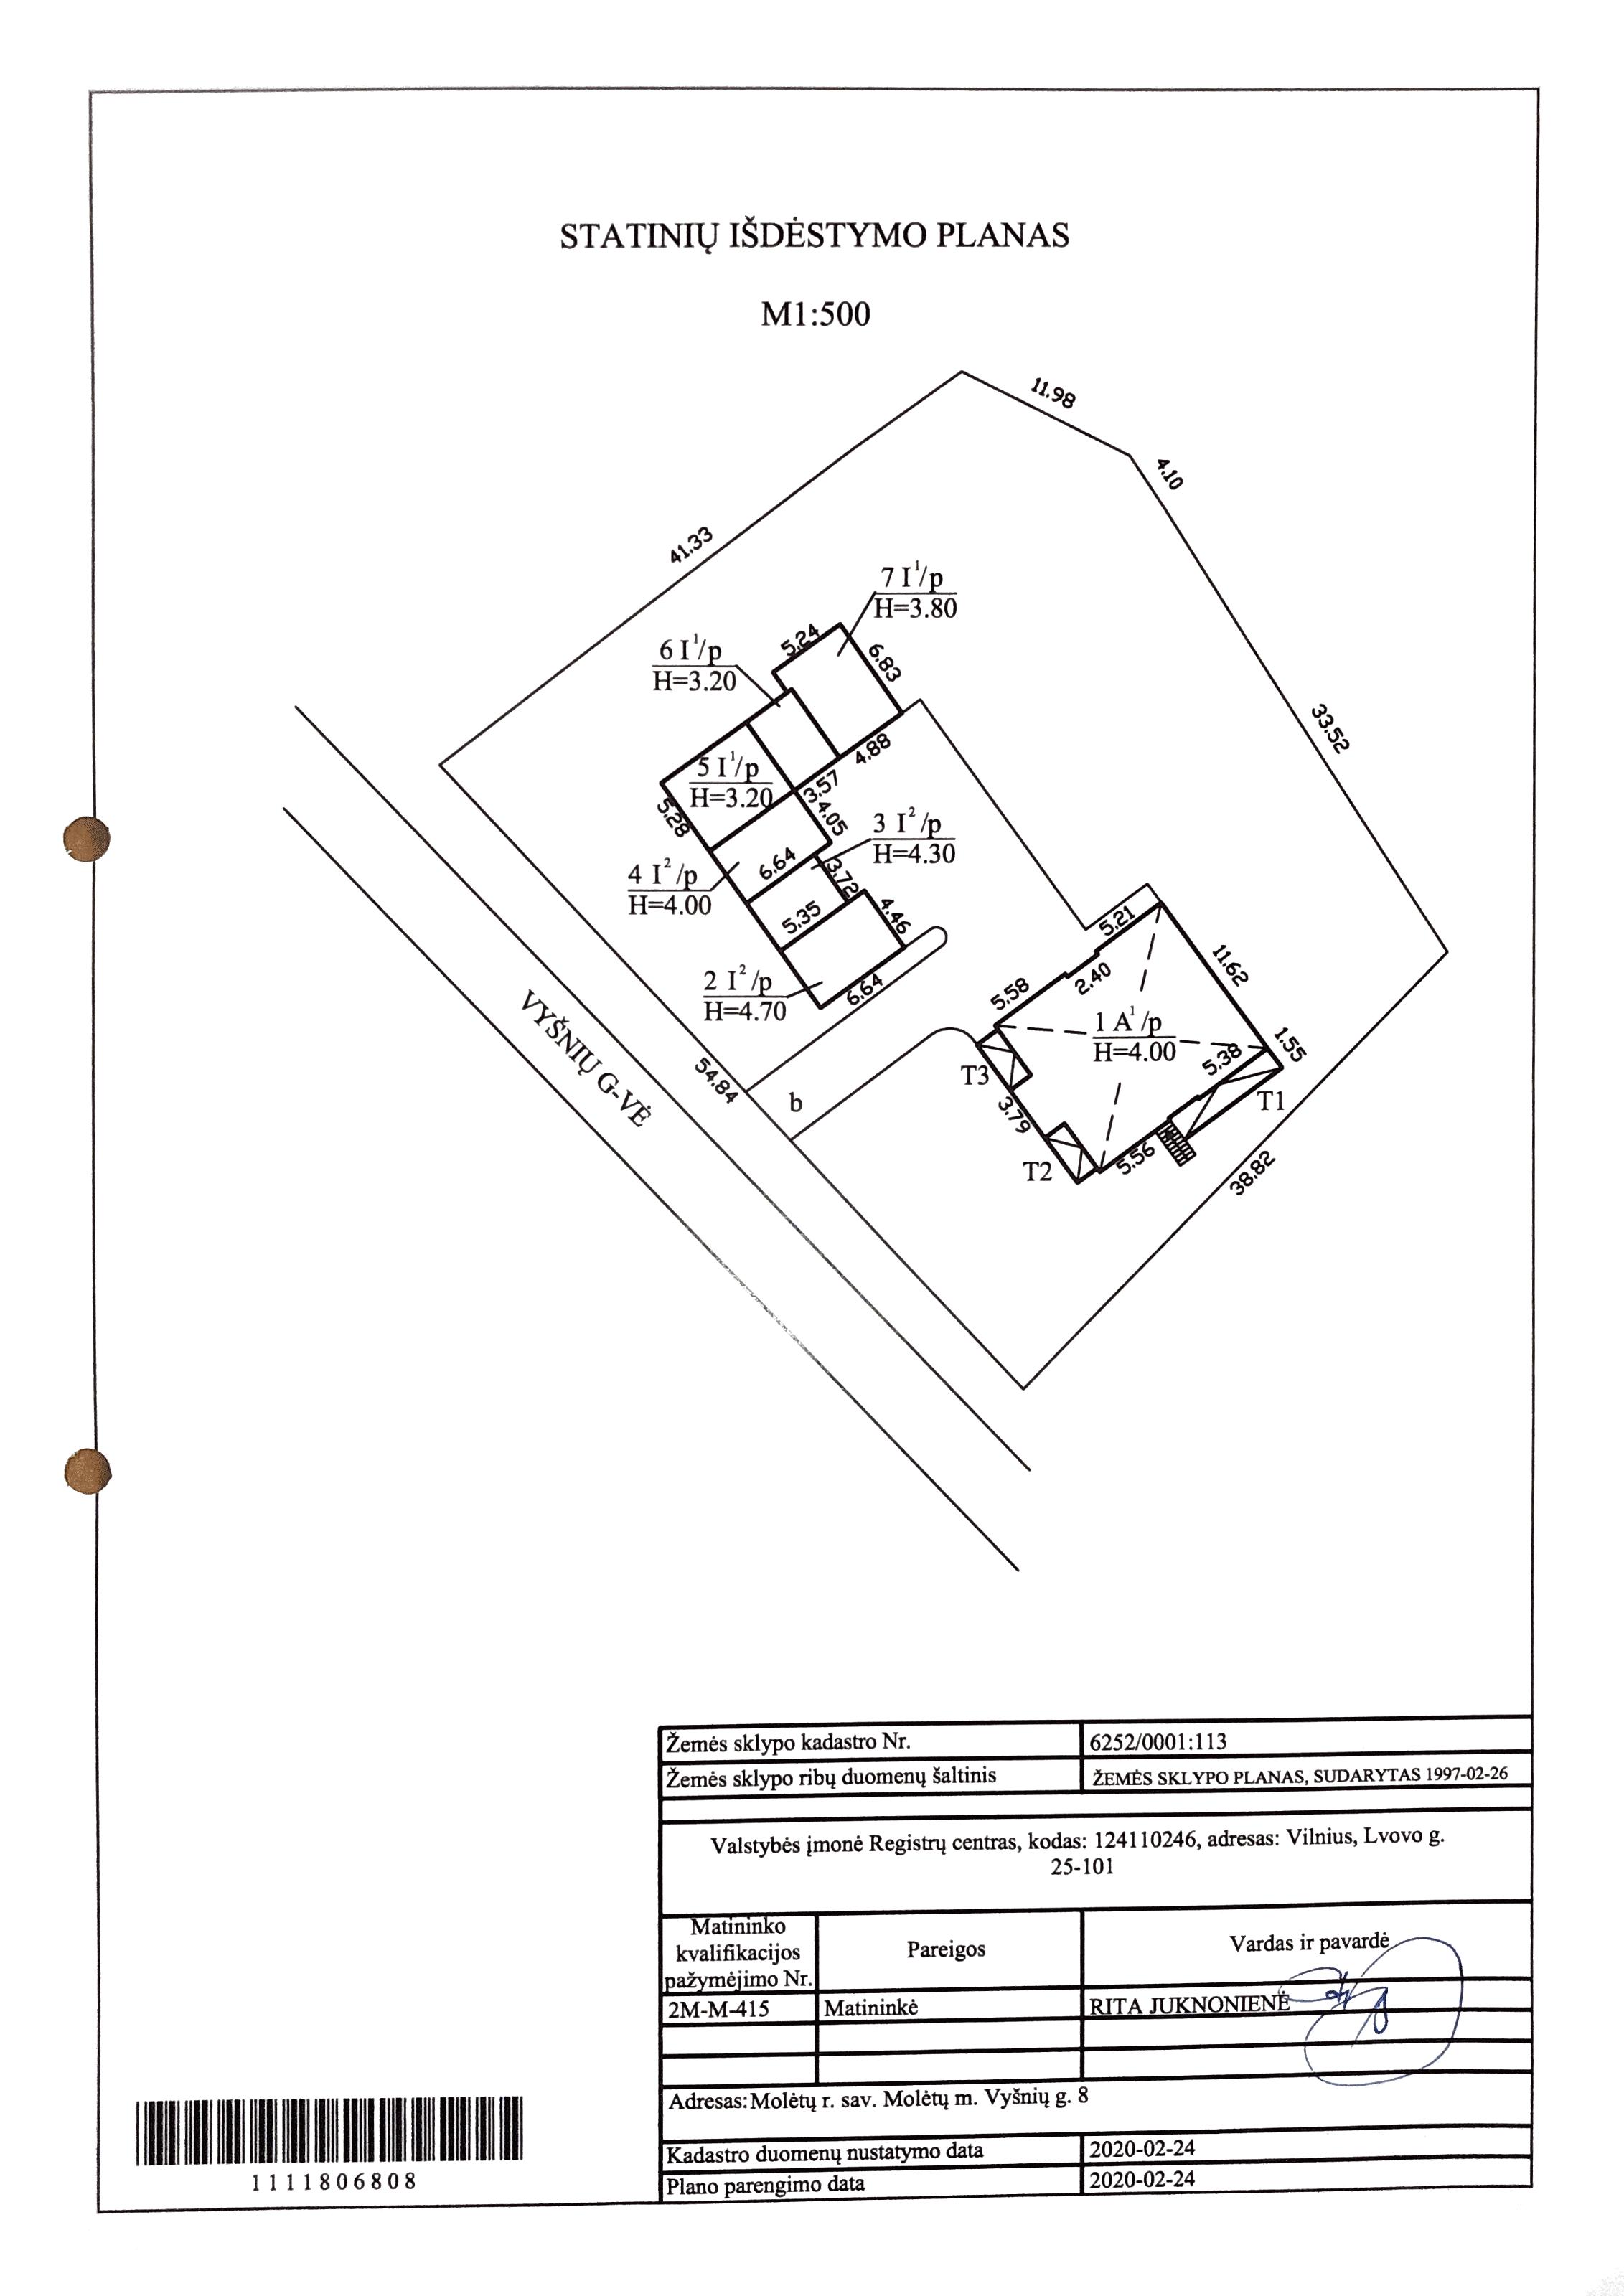 Statinių išdėstymo planas